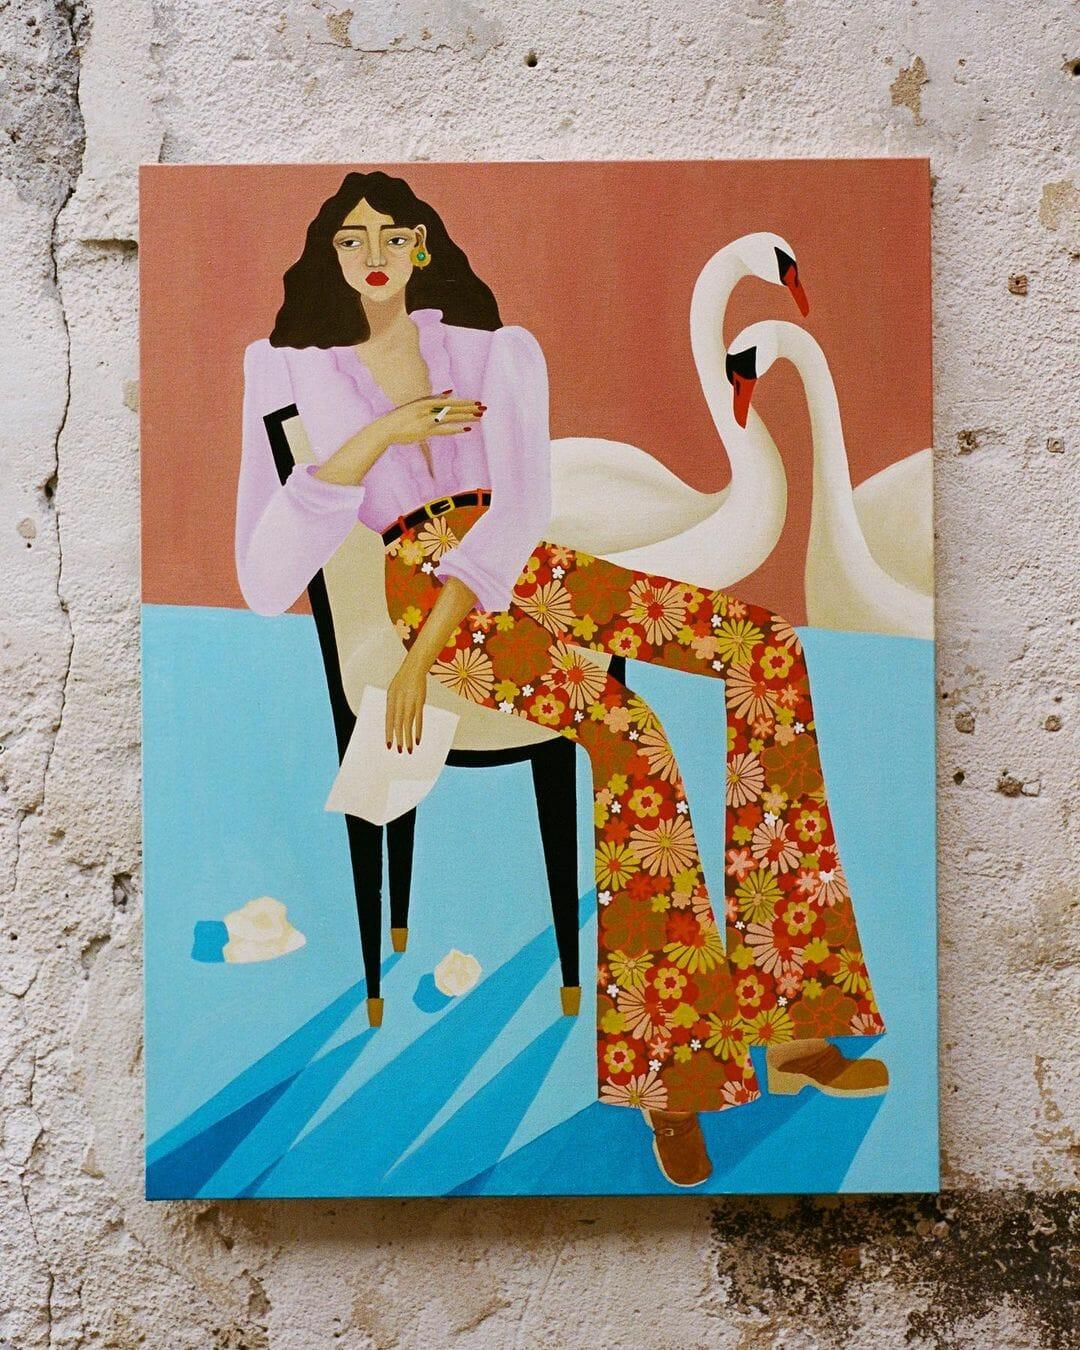 Une femme est assise sur une chaise, une lettre à la main, dans une pièce rose et bleue. Elle porte un chemisier rose plus clair, et un pantalon fleuri. Derrière elle, deux signes se câlinent.